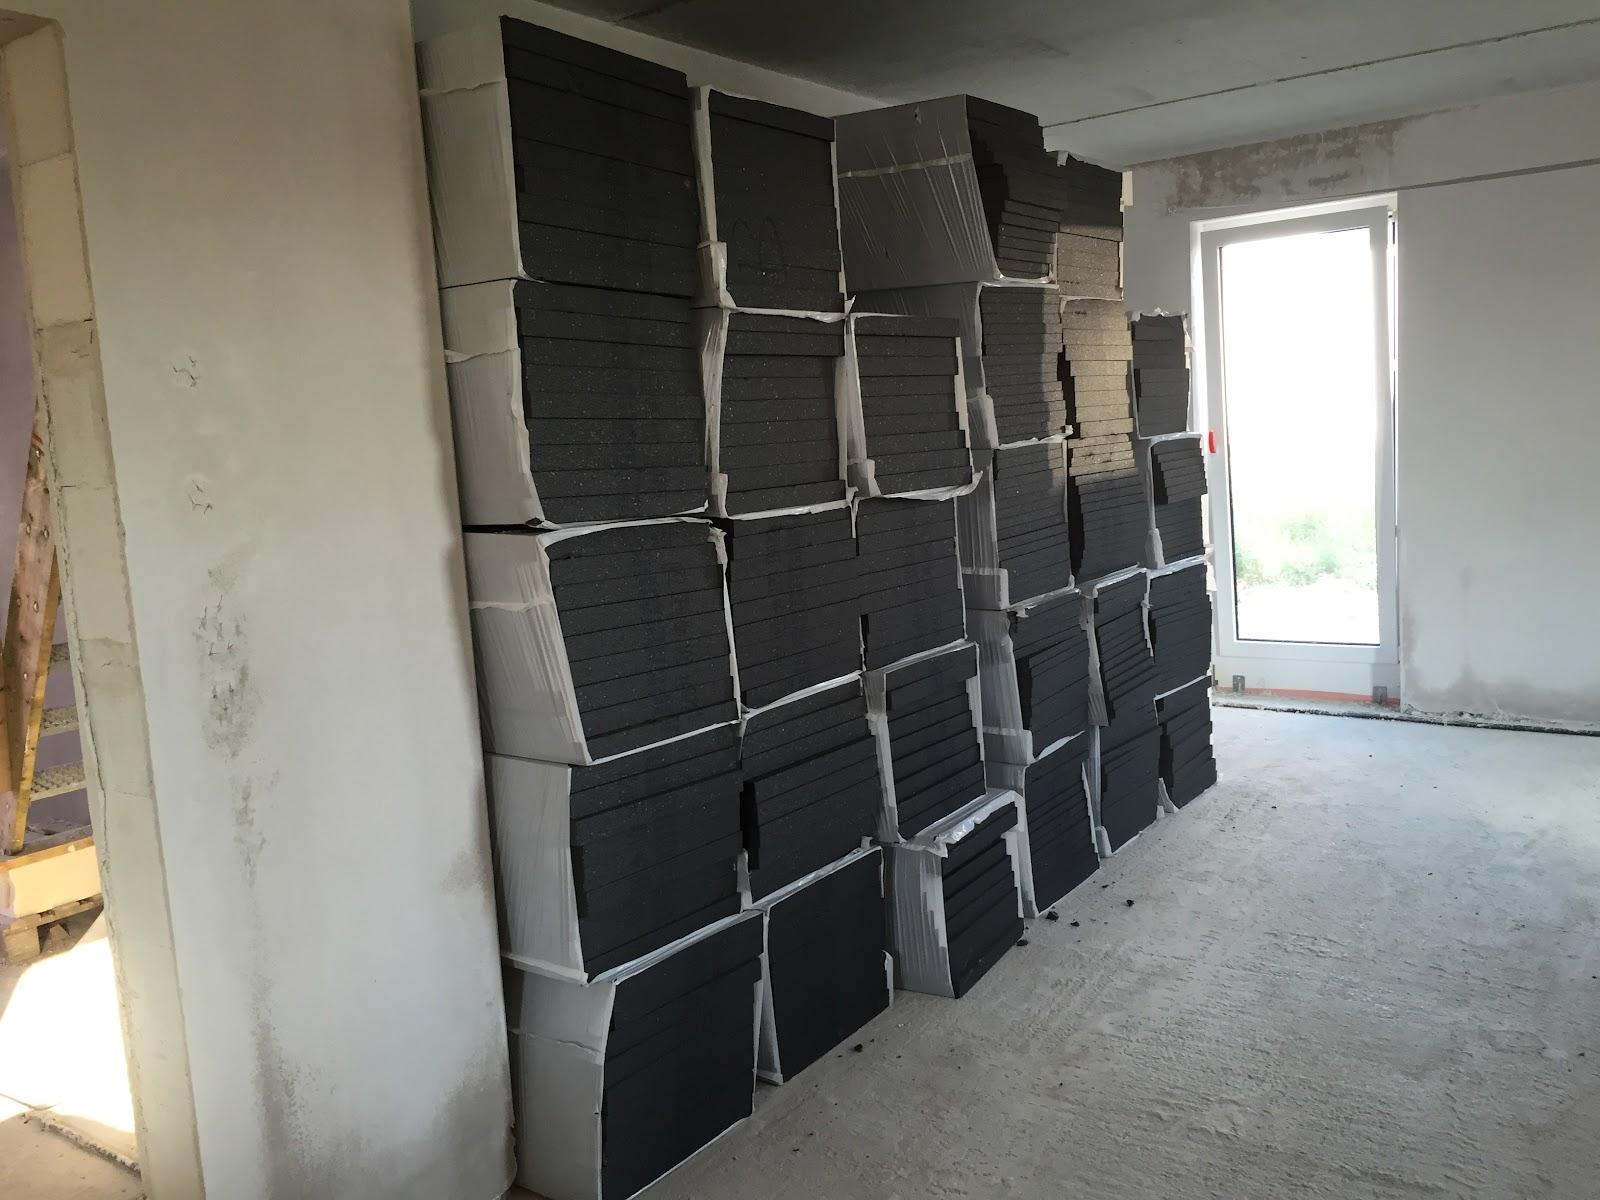 Fußboden Mit Dämmung ~ Lüftungsrohre und fußboden dämmung bauen mit konzepthaus ein